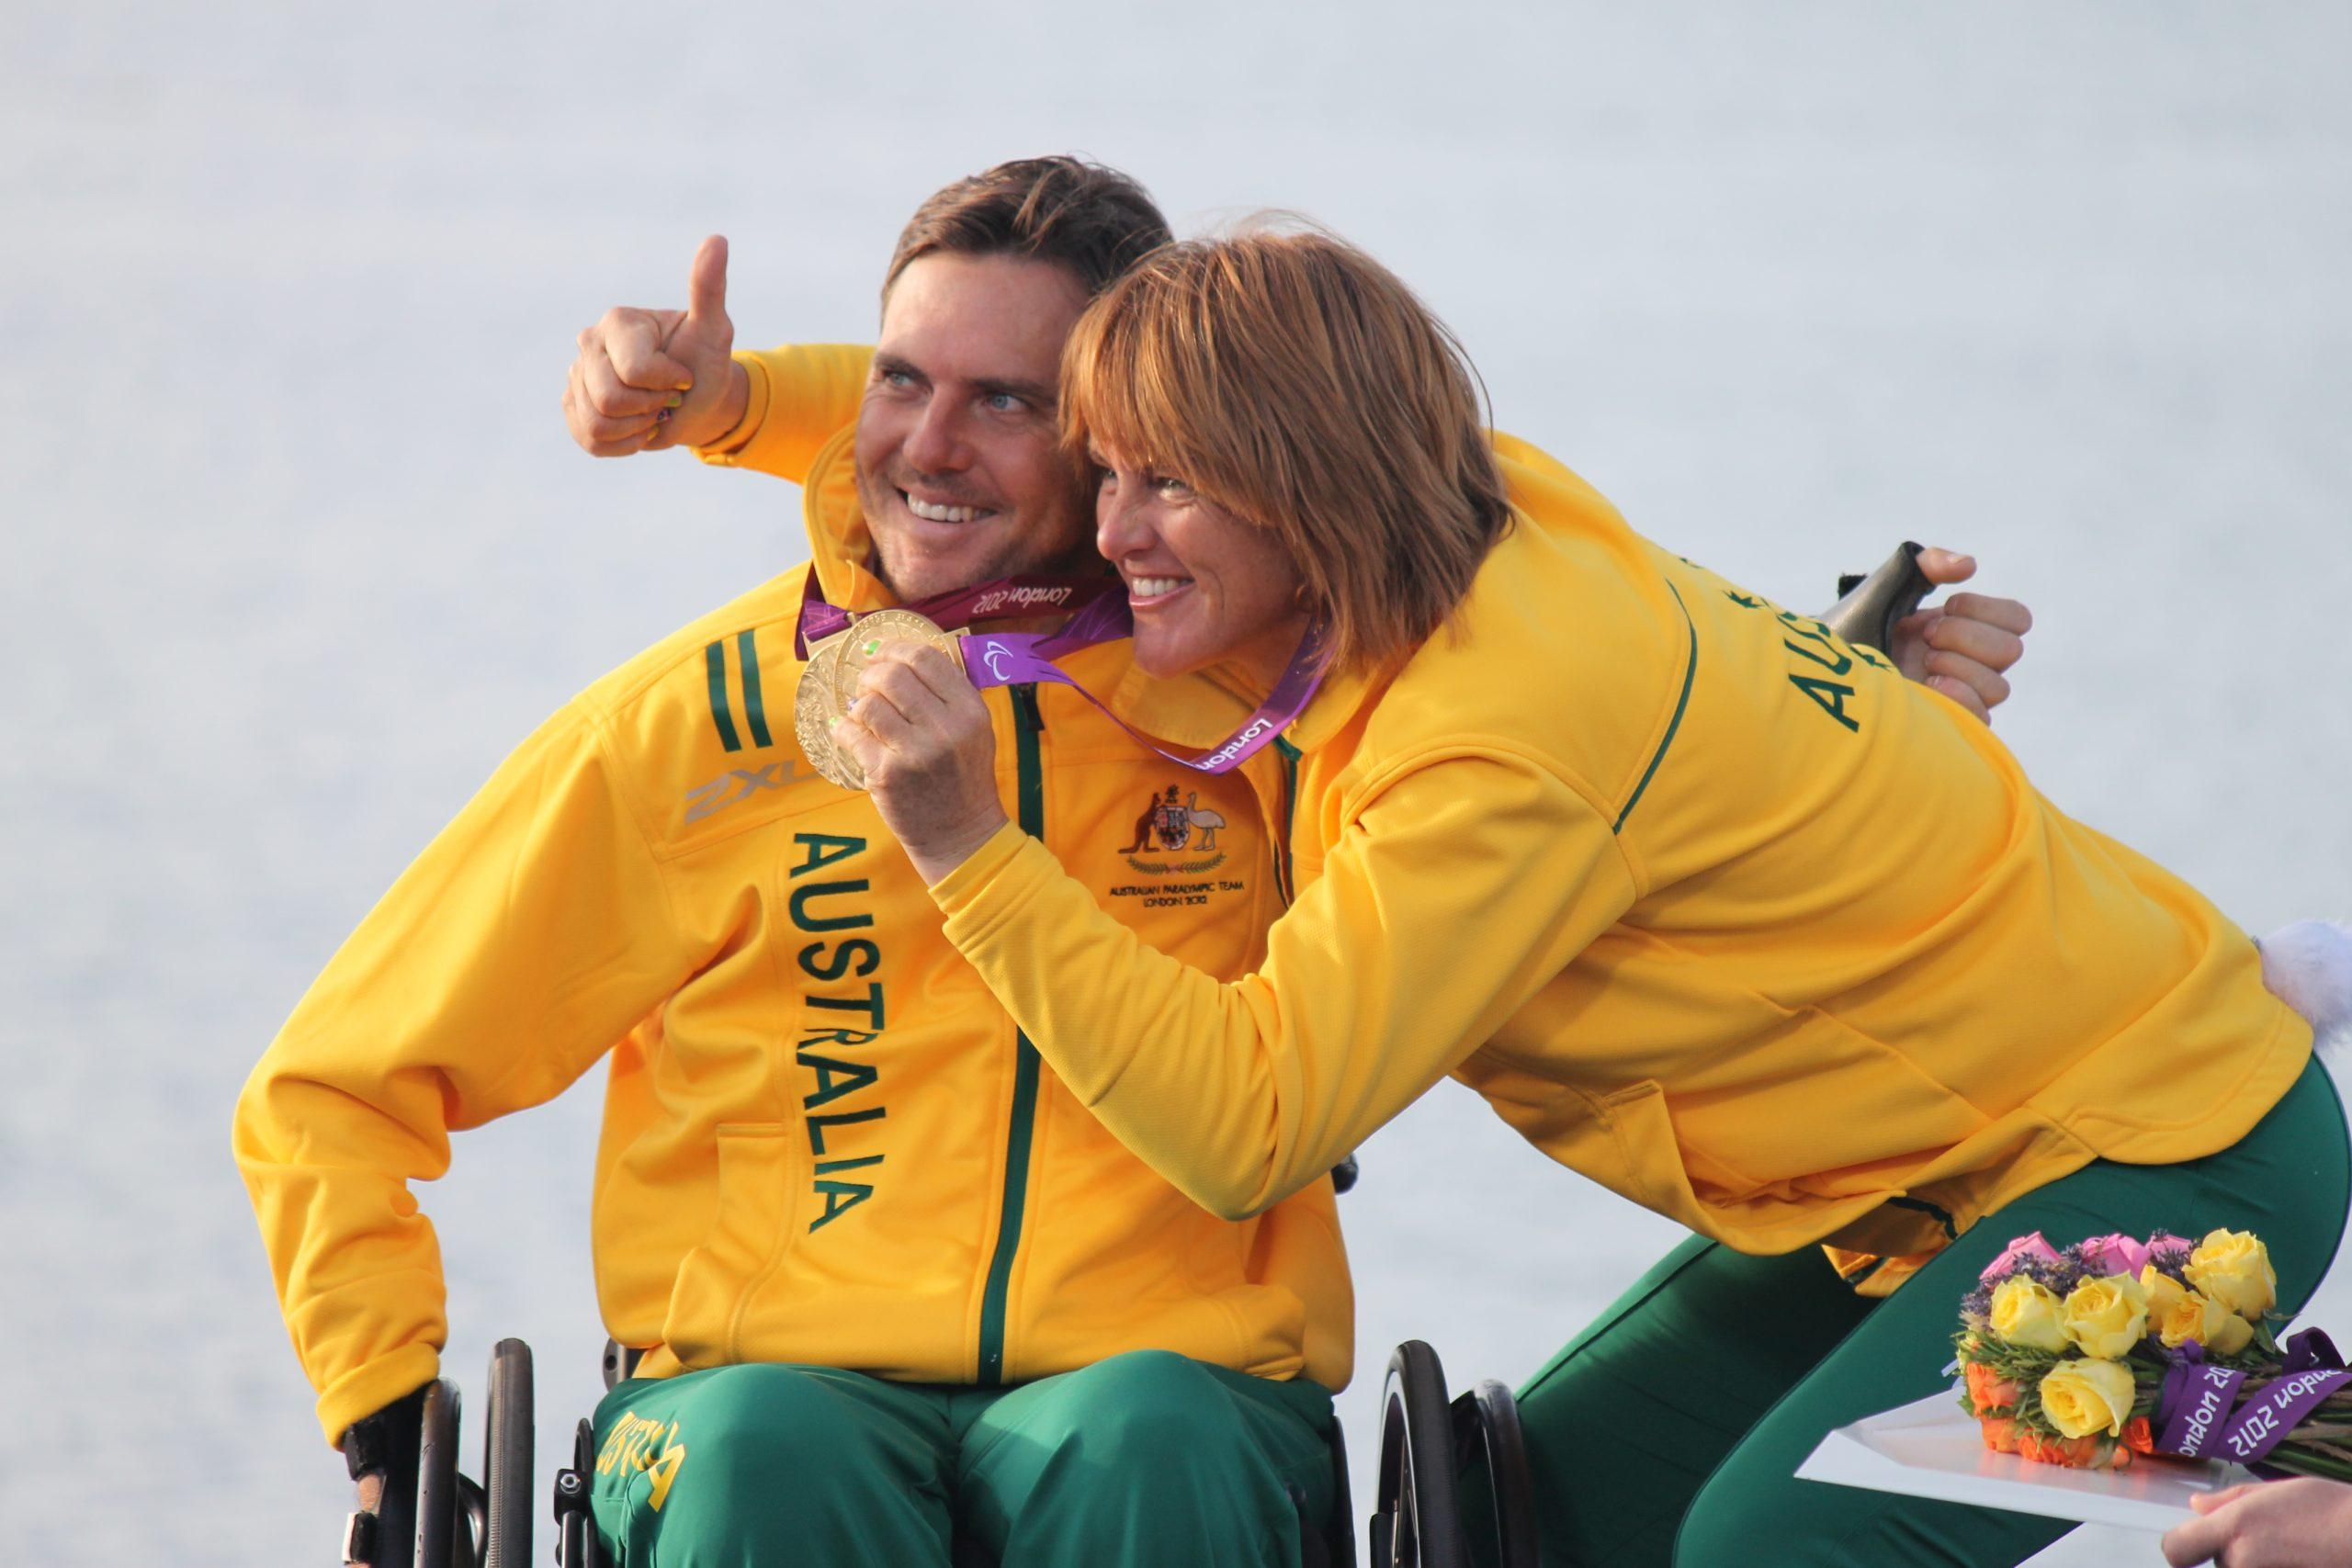 London 2012 Daniel Fitzgibbon & Liesl Tesch after winning gold - Photo onEdition.